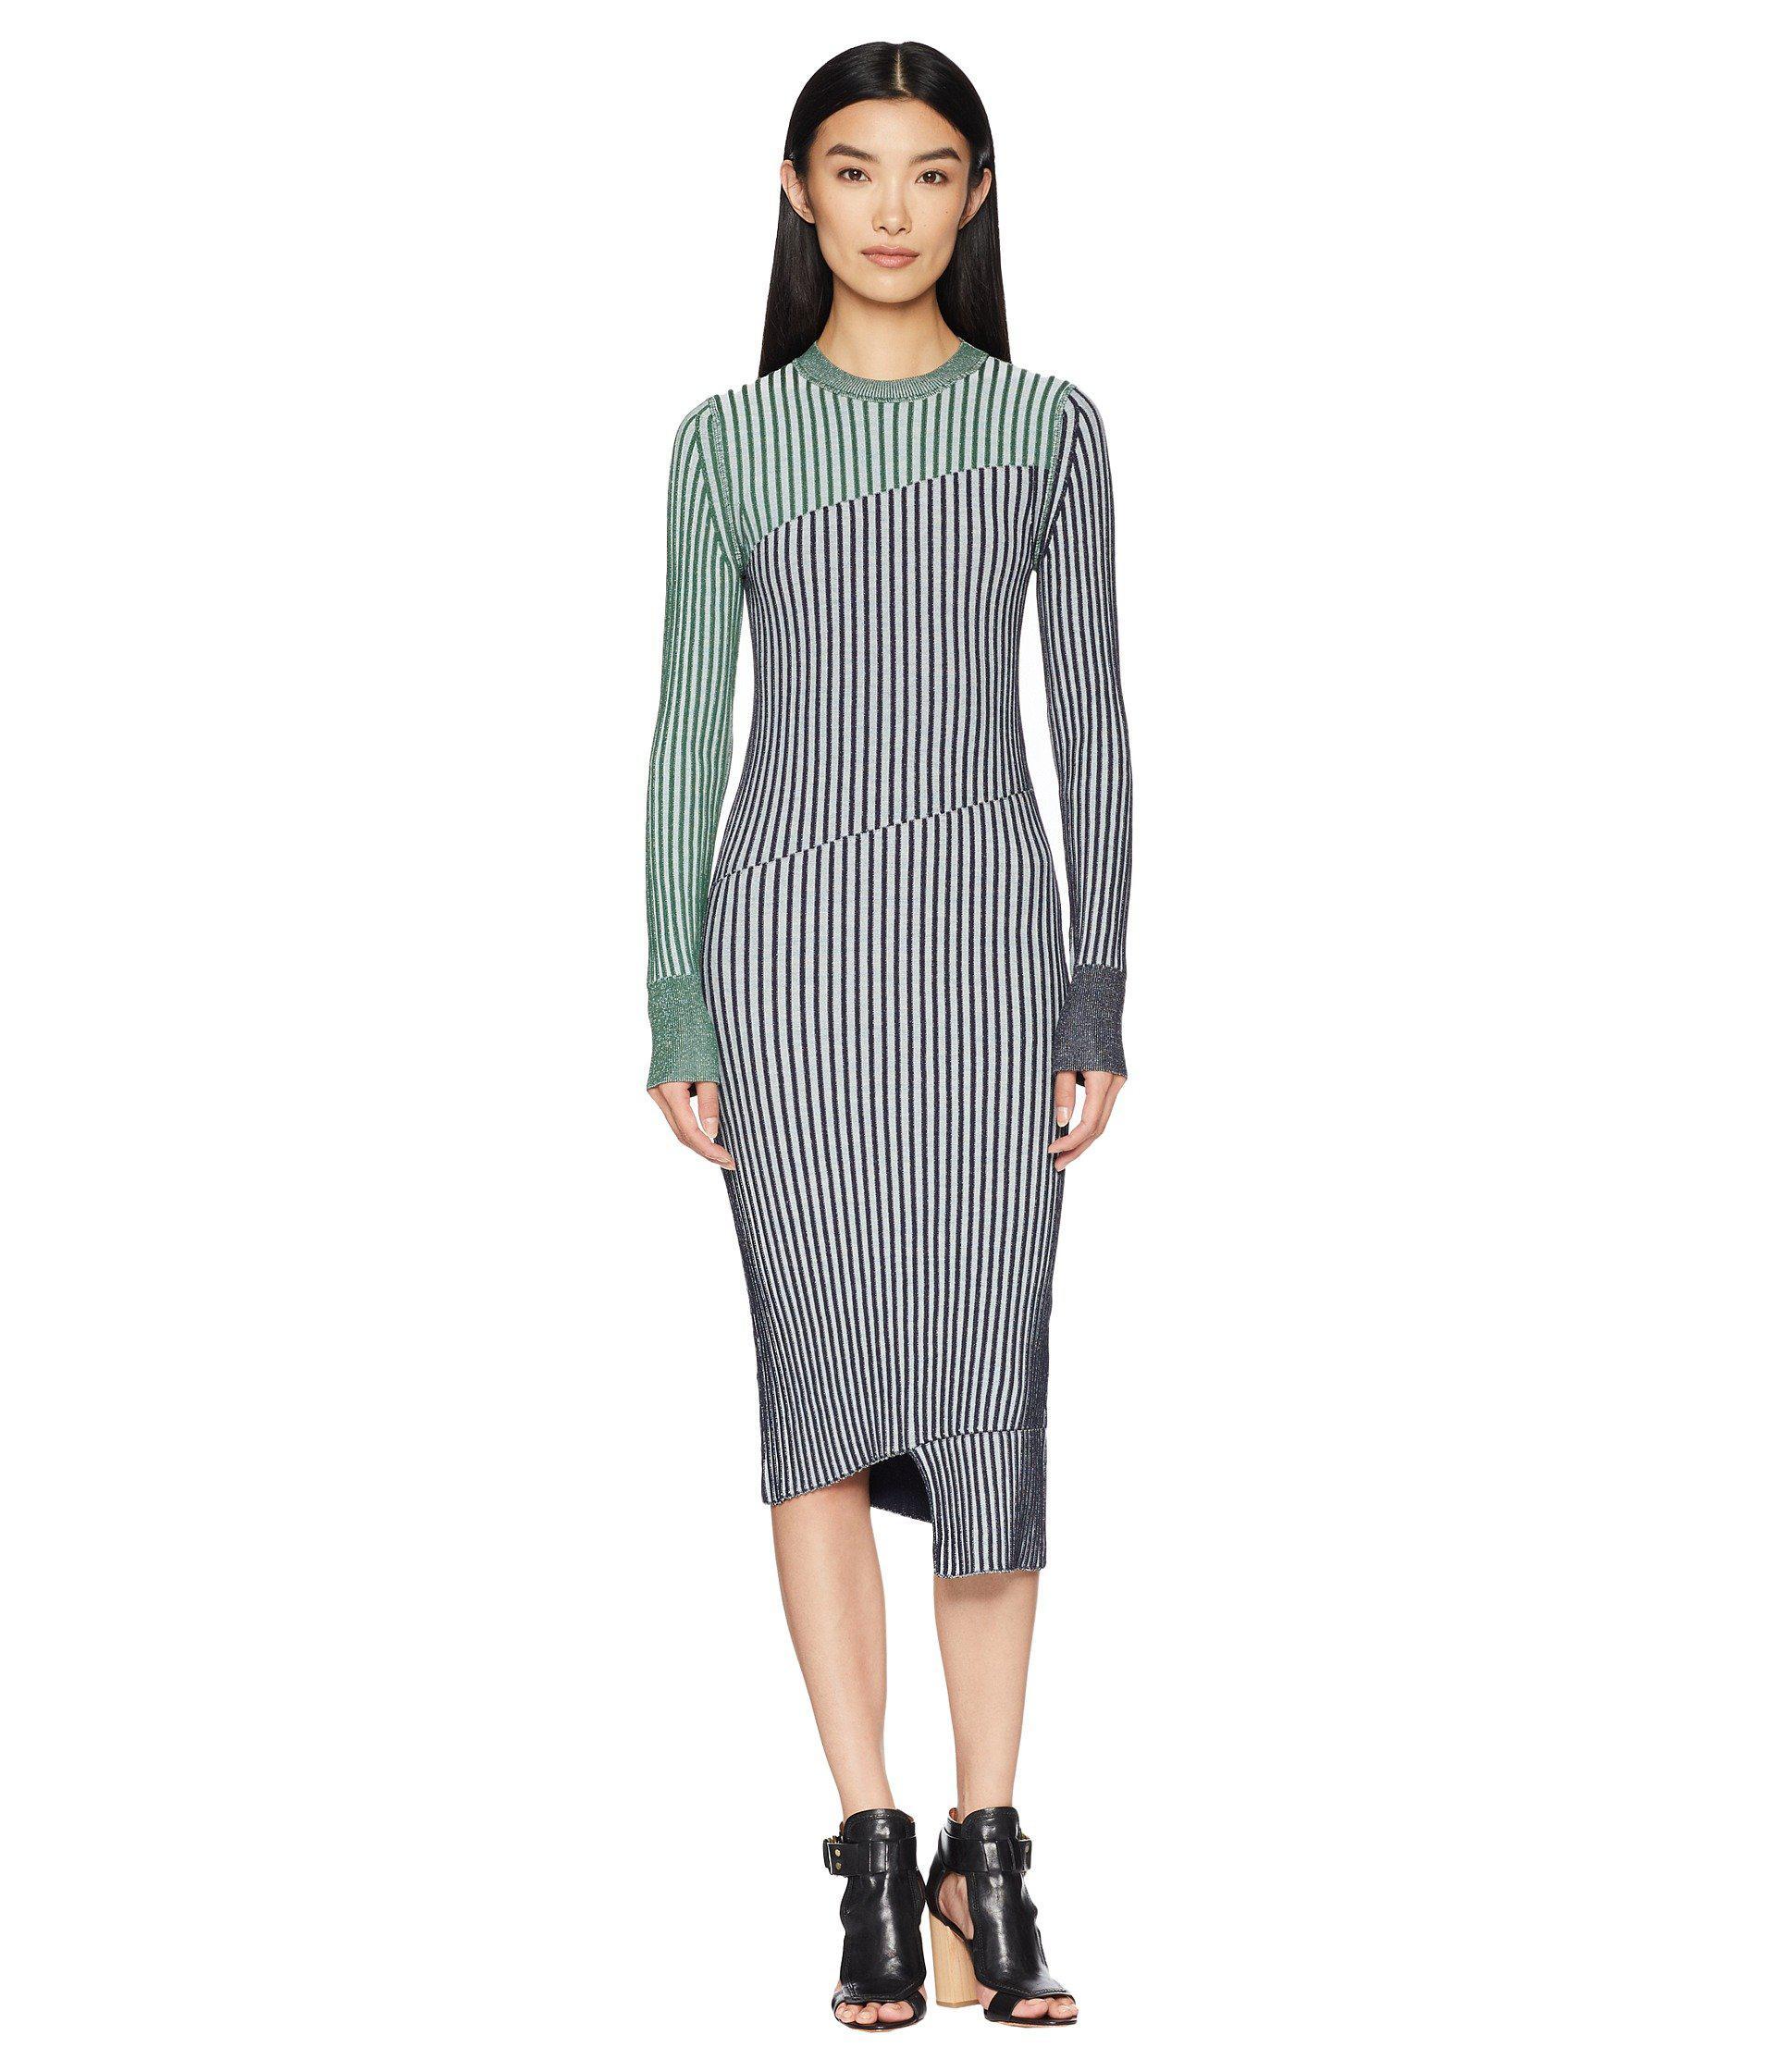 Lyst Sportmax Fify Knit Long Sleeve Dress Green Women S Dress In